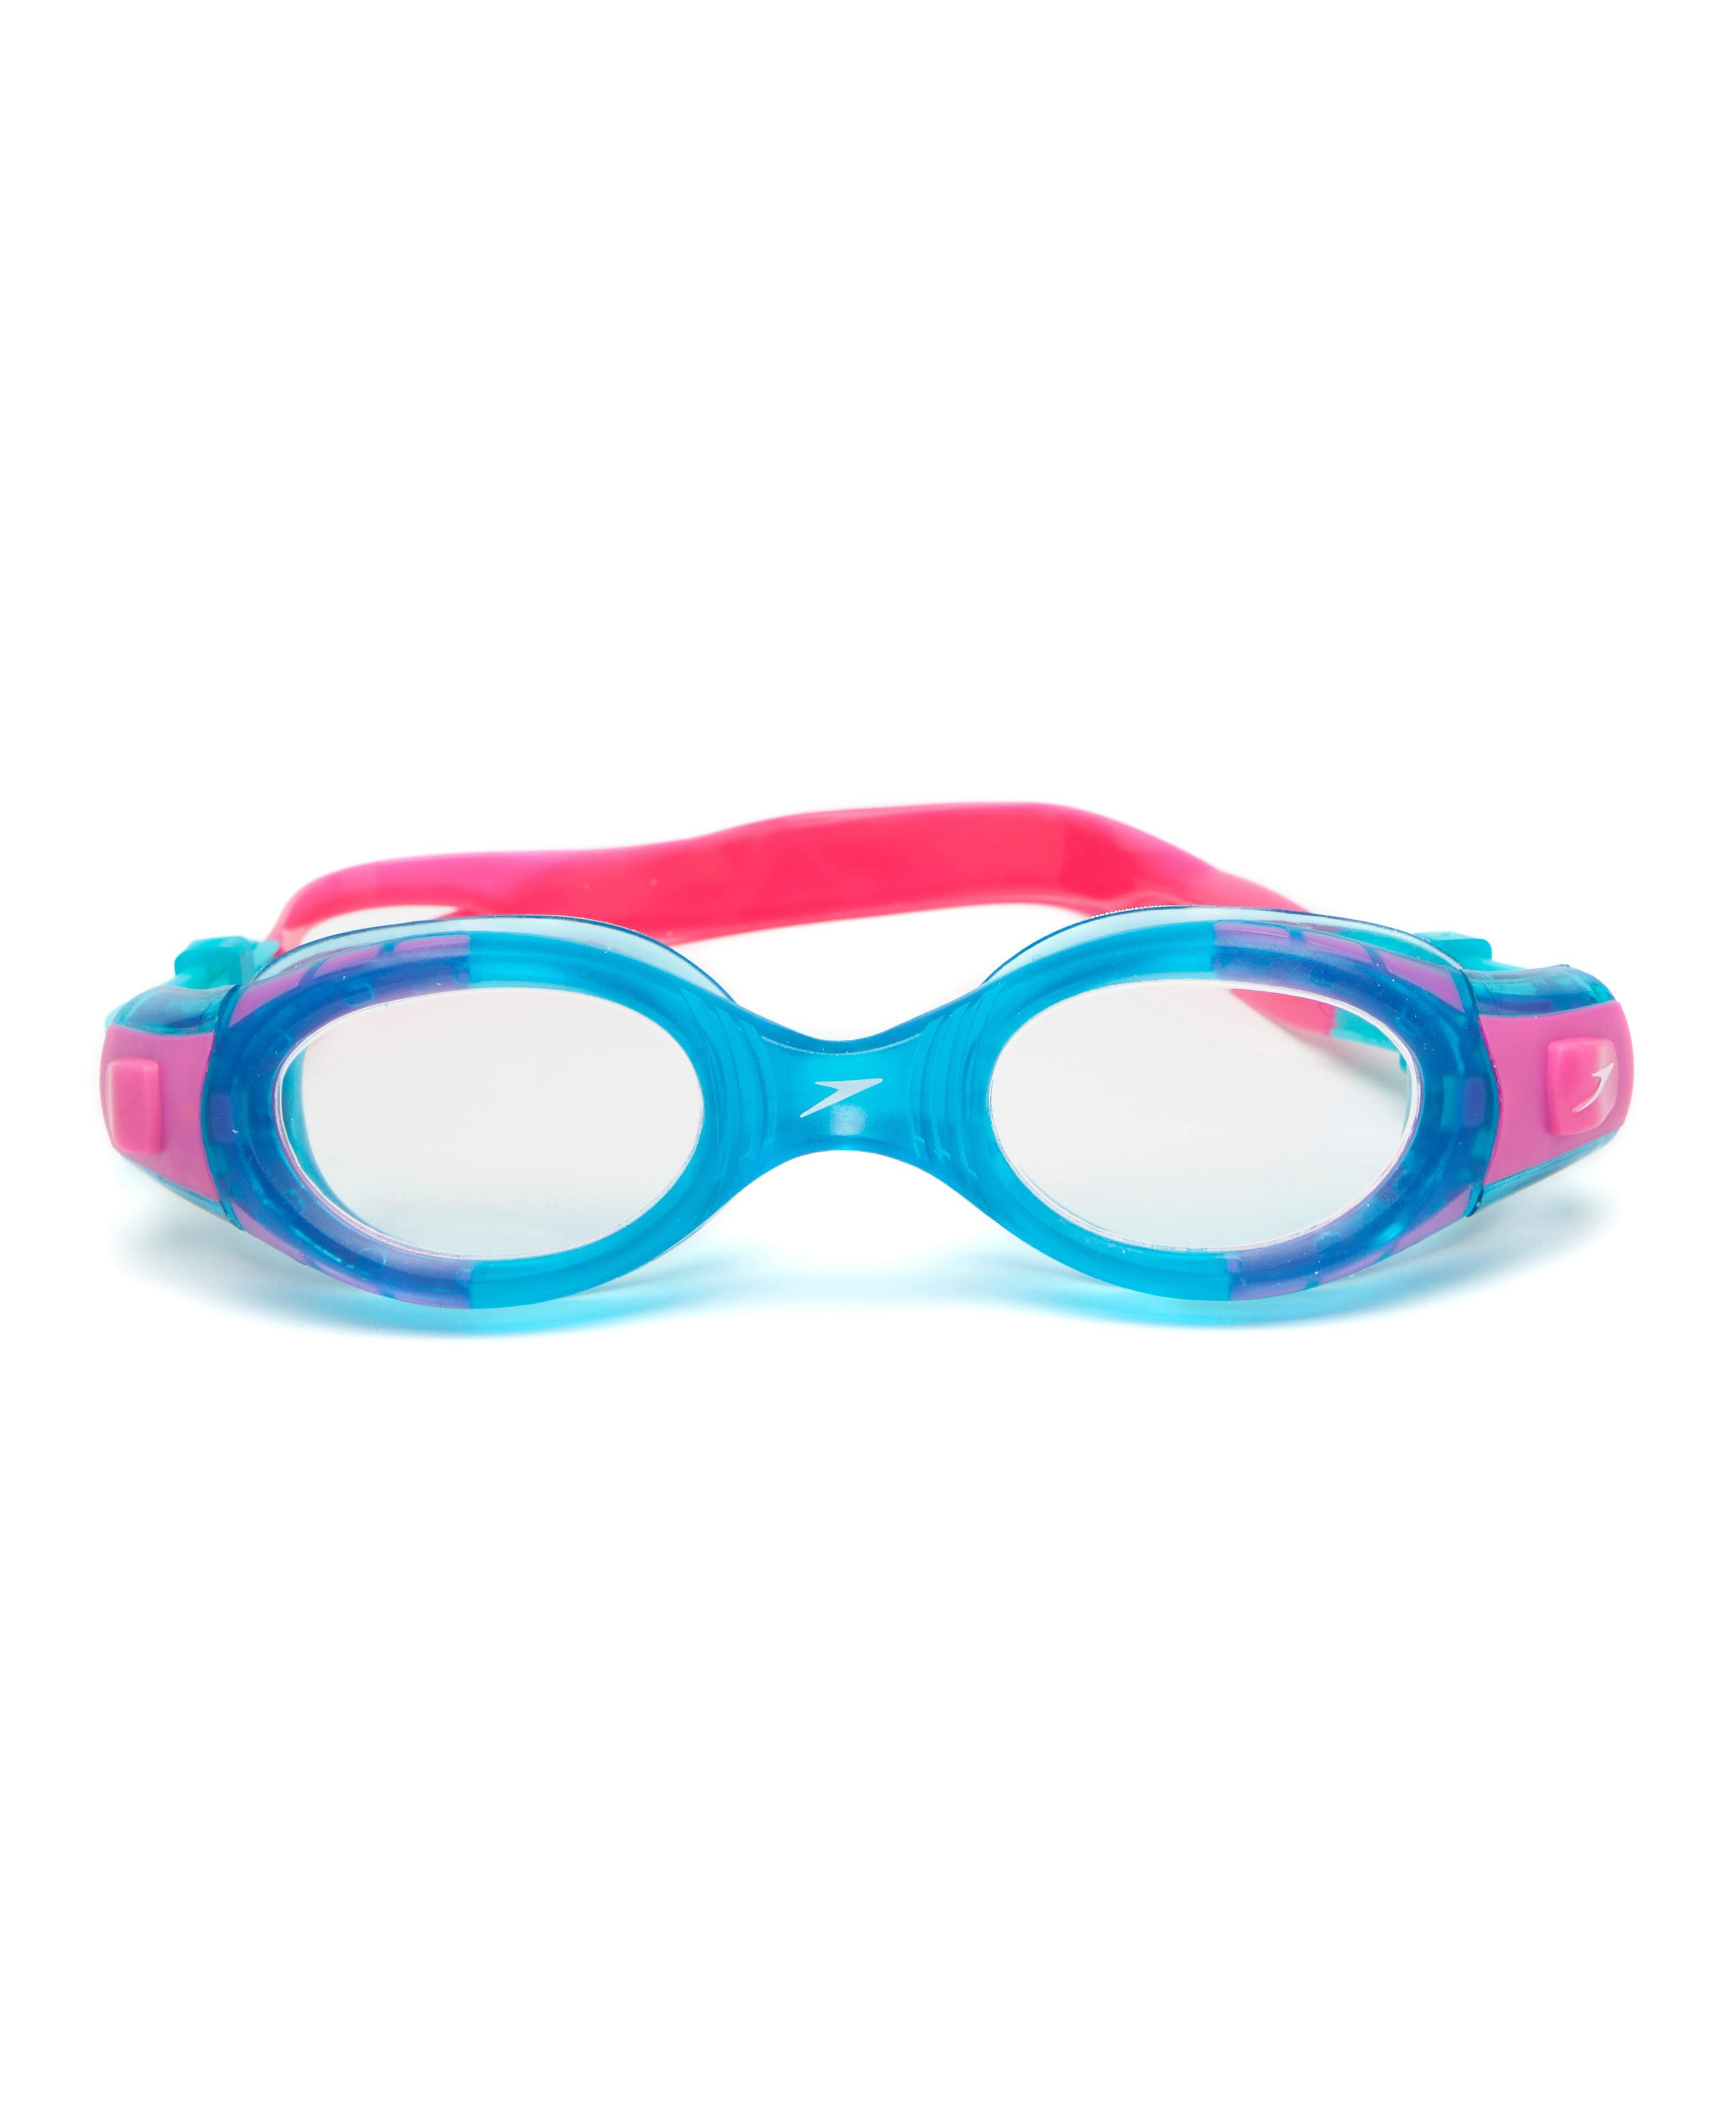 Speedo Futura Biofuse Goggles Junior